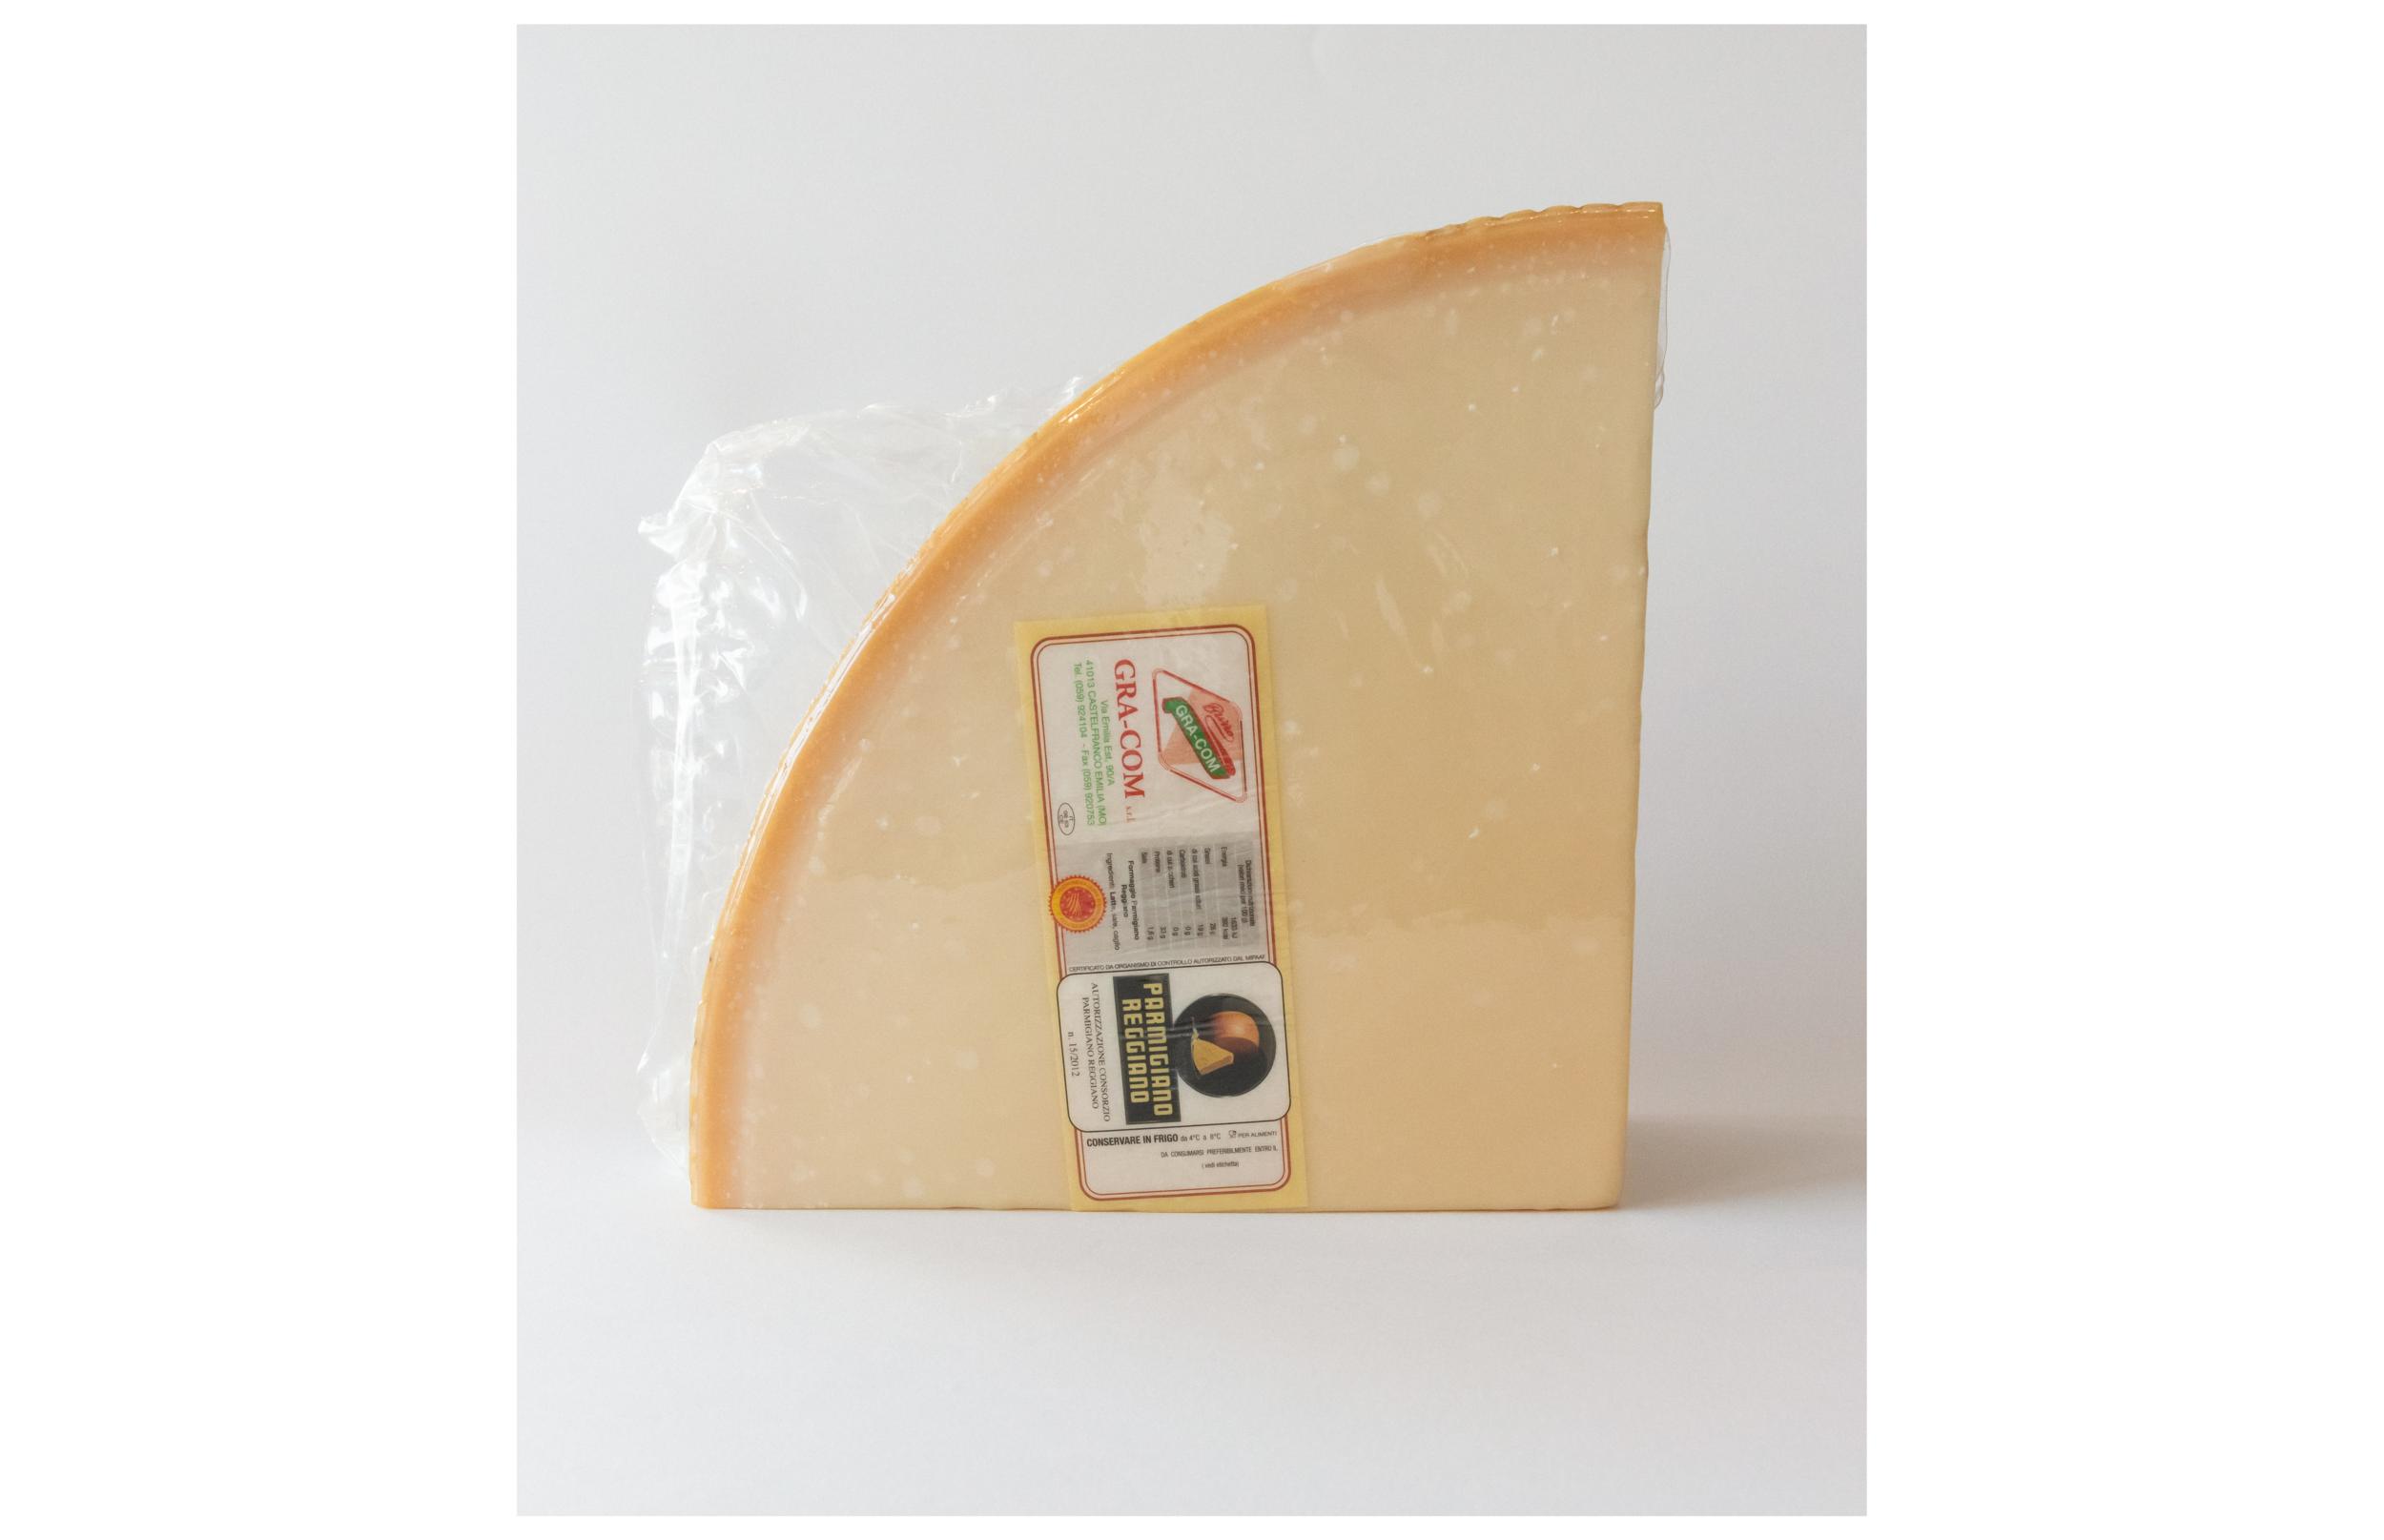 Parmigiano-reggiano-4kg-sito-riformattato.png